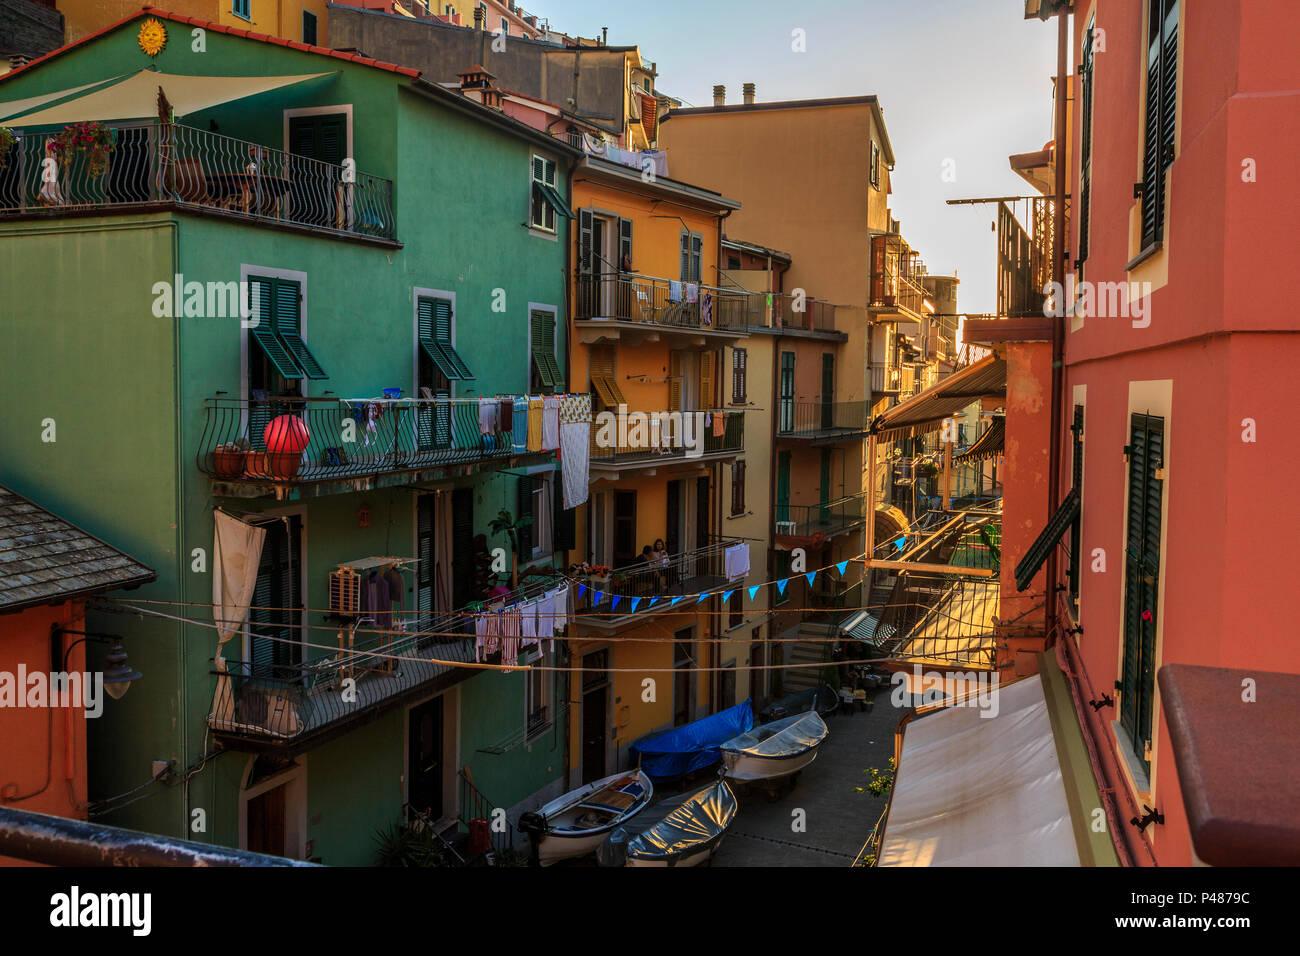 Manarola, Cinque Terre, ruhig am späten Nachmittag street scene mit bunten Häusern und Zeichen des Alltags. Stockbild